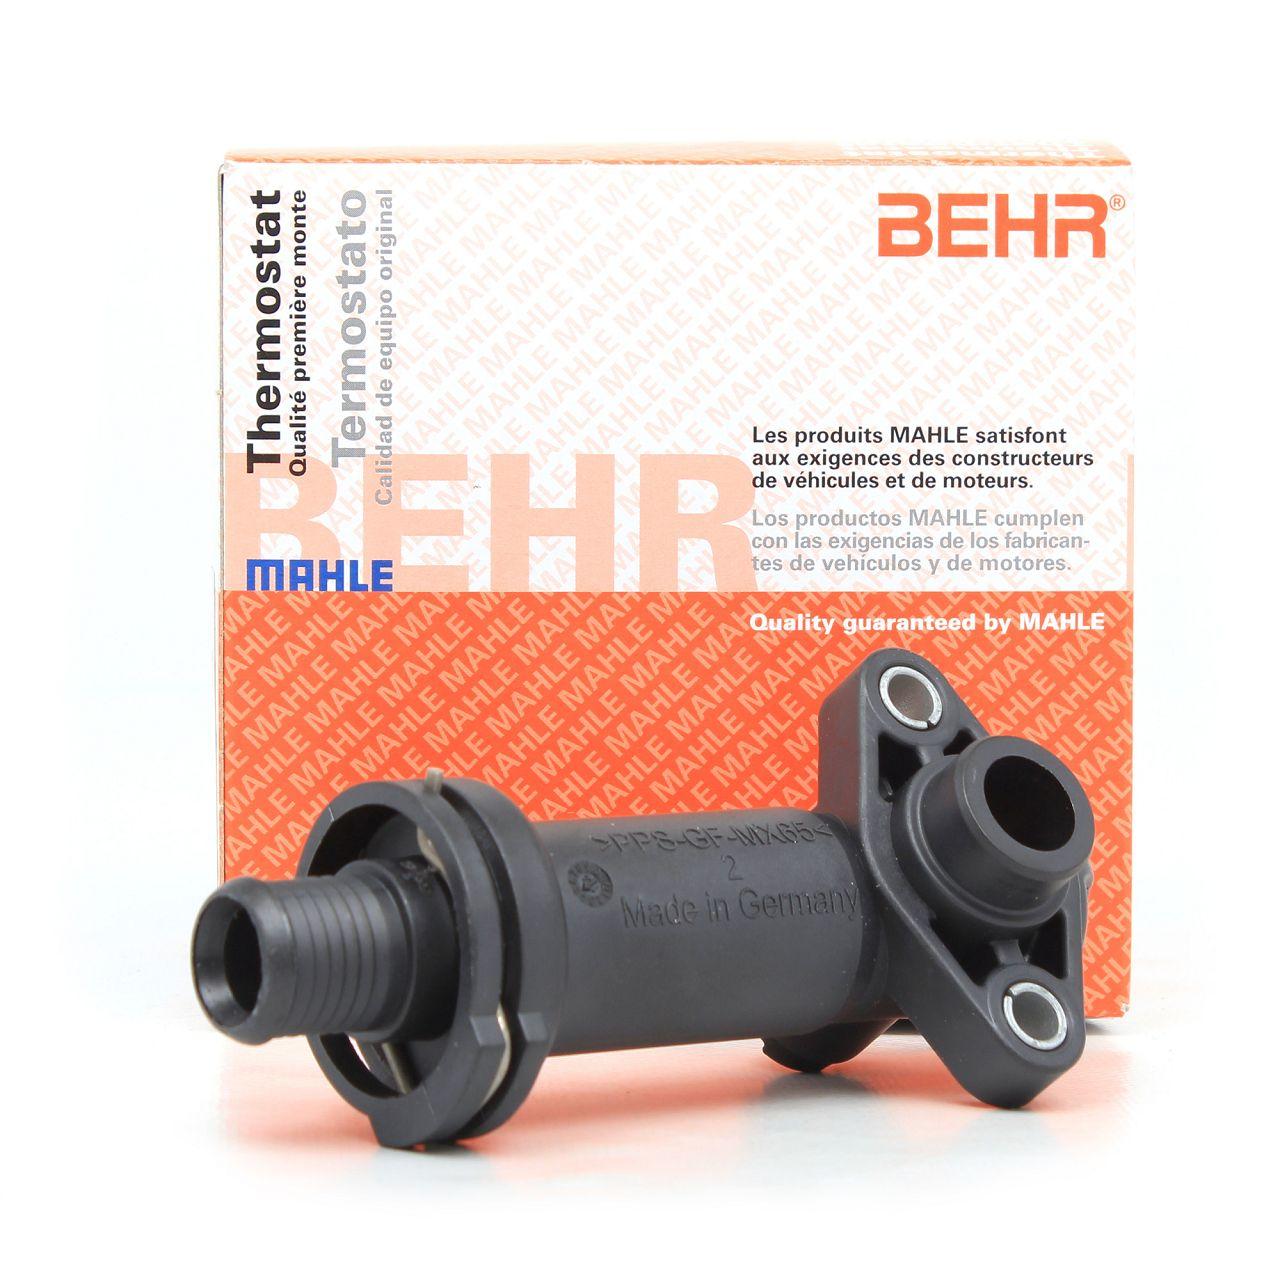 BEHR MAHLE TE170 AGR Thermostat Thermostateinsatz für BMW E81-E88 E46 E90 E60